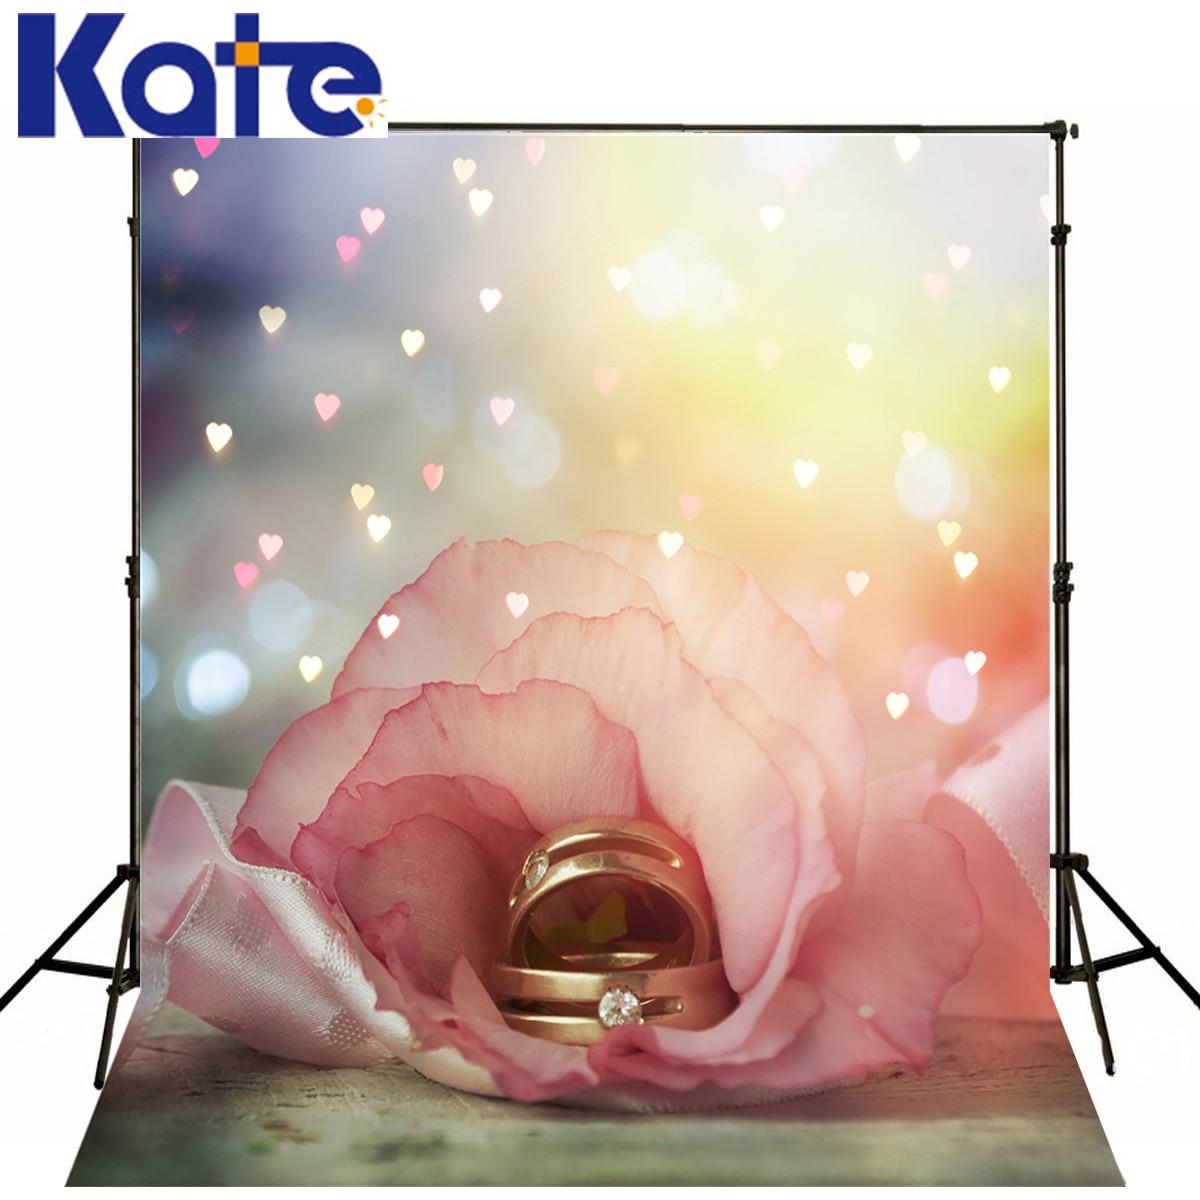 kate Fotografické pozadí Láska květ prsten rekvizity No creasesbackdrops baby novorozence 8 x 8 ft